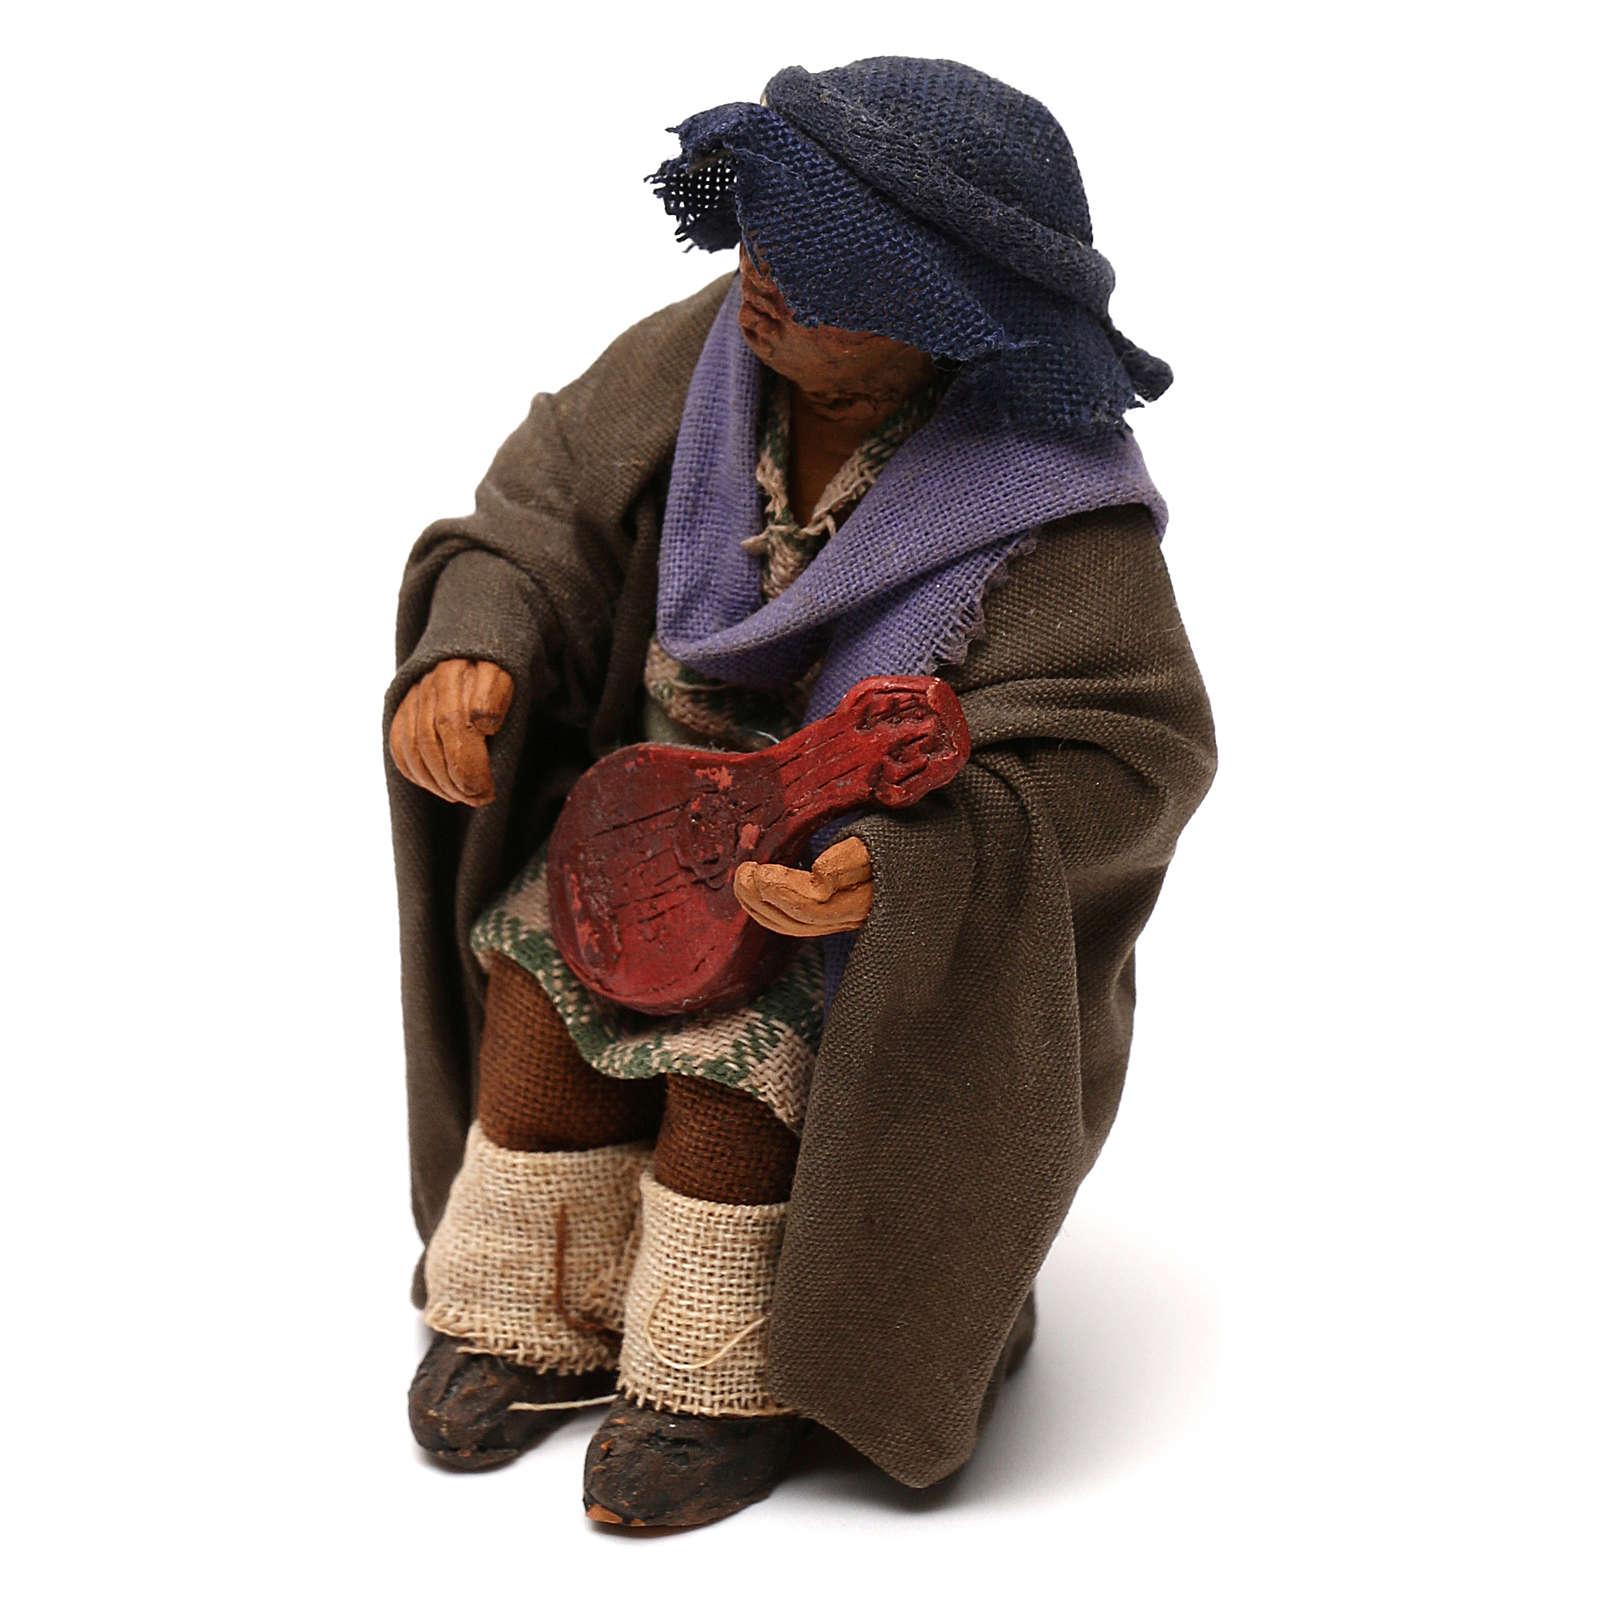 STOCK Uomo seduto con chitarra vestito terracotta 10 cm presepe napoletano 4